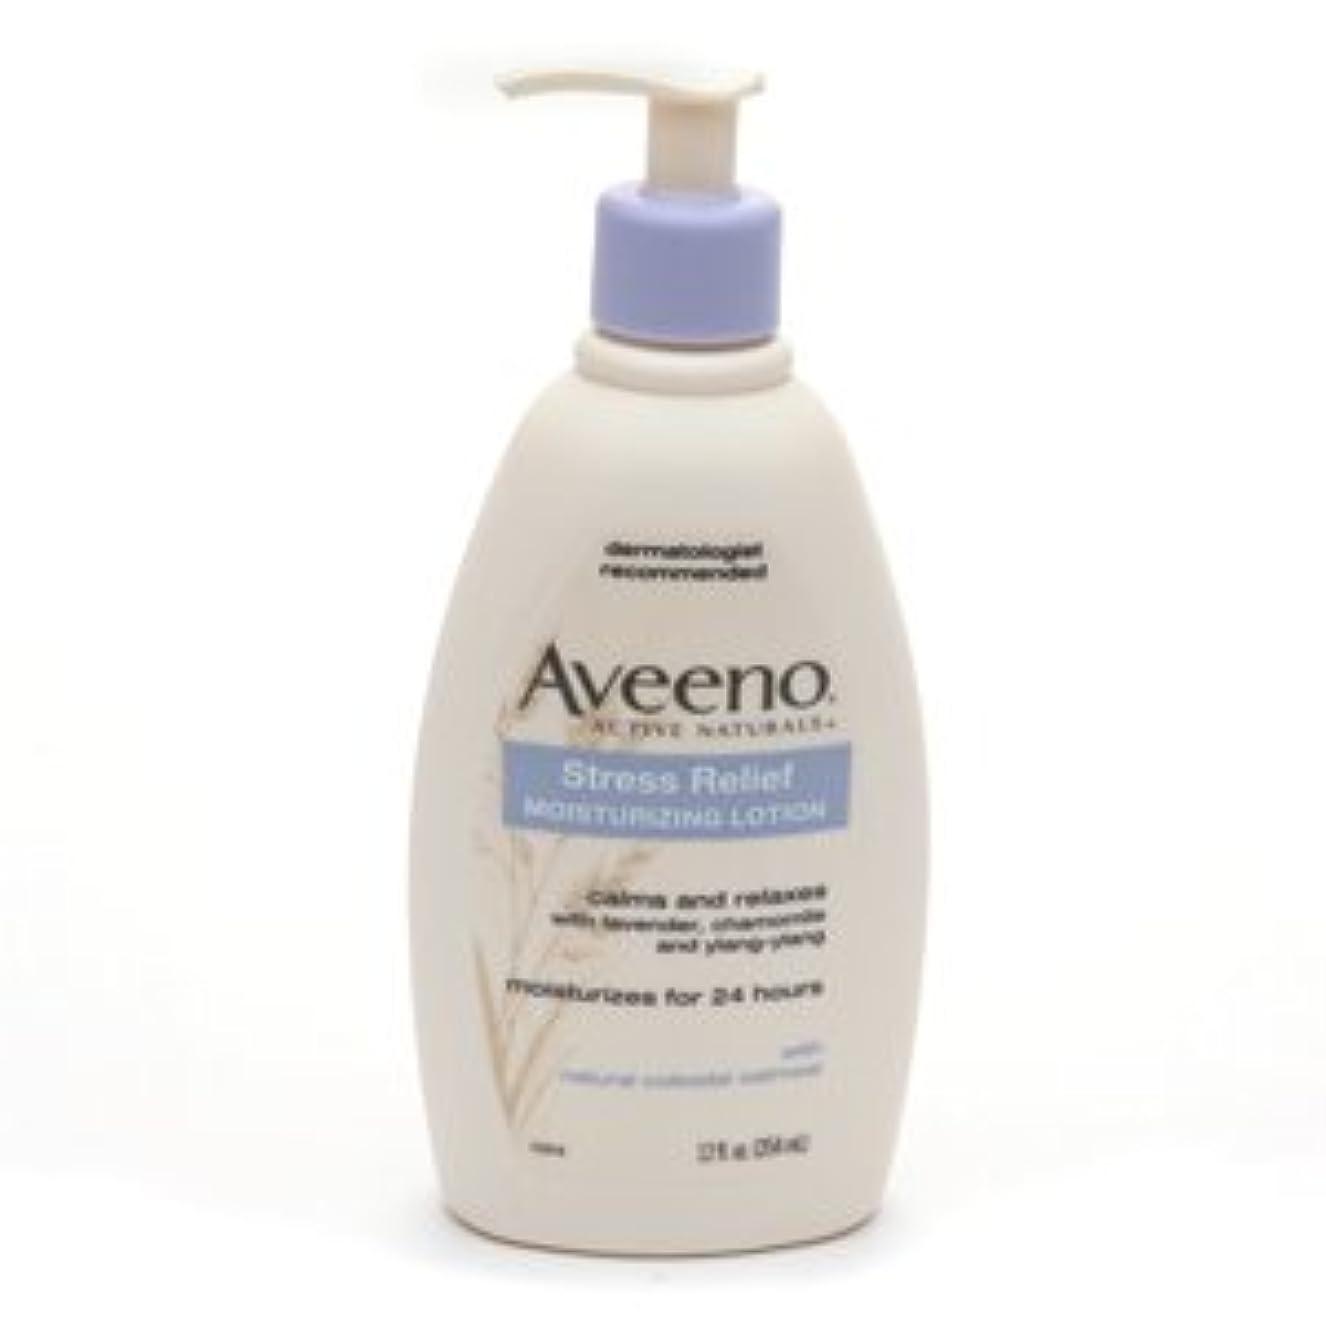 バイナリパーティーずらすAveeno - Stress Relief Moisturizing Lotion - 12 fl oz (354 ml)